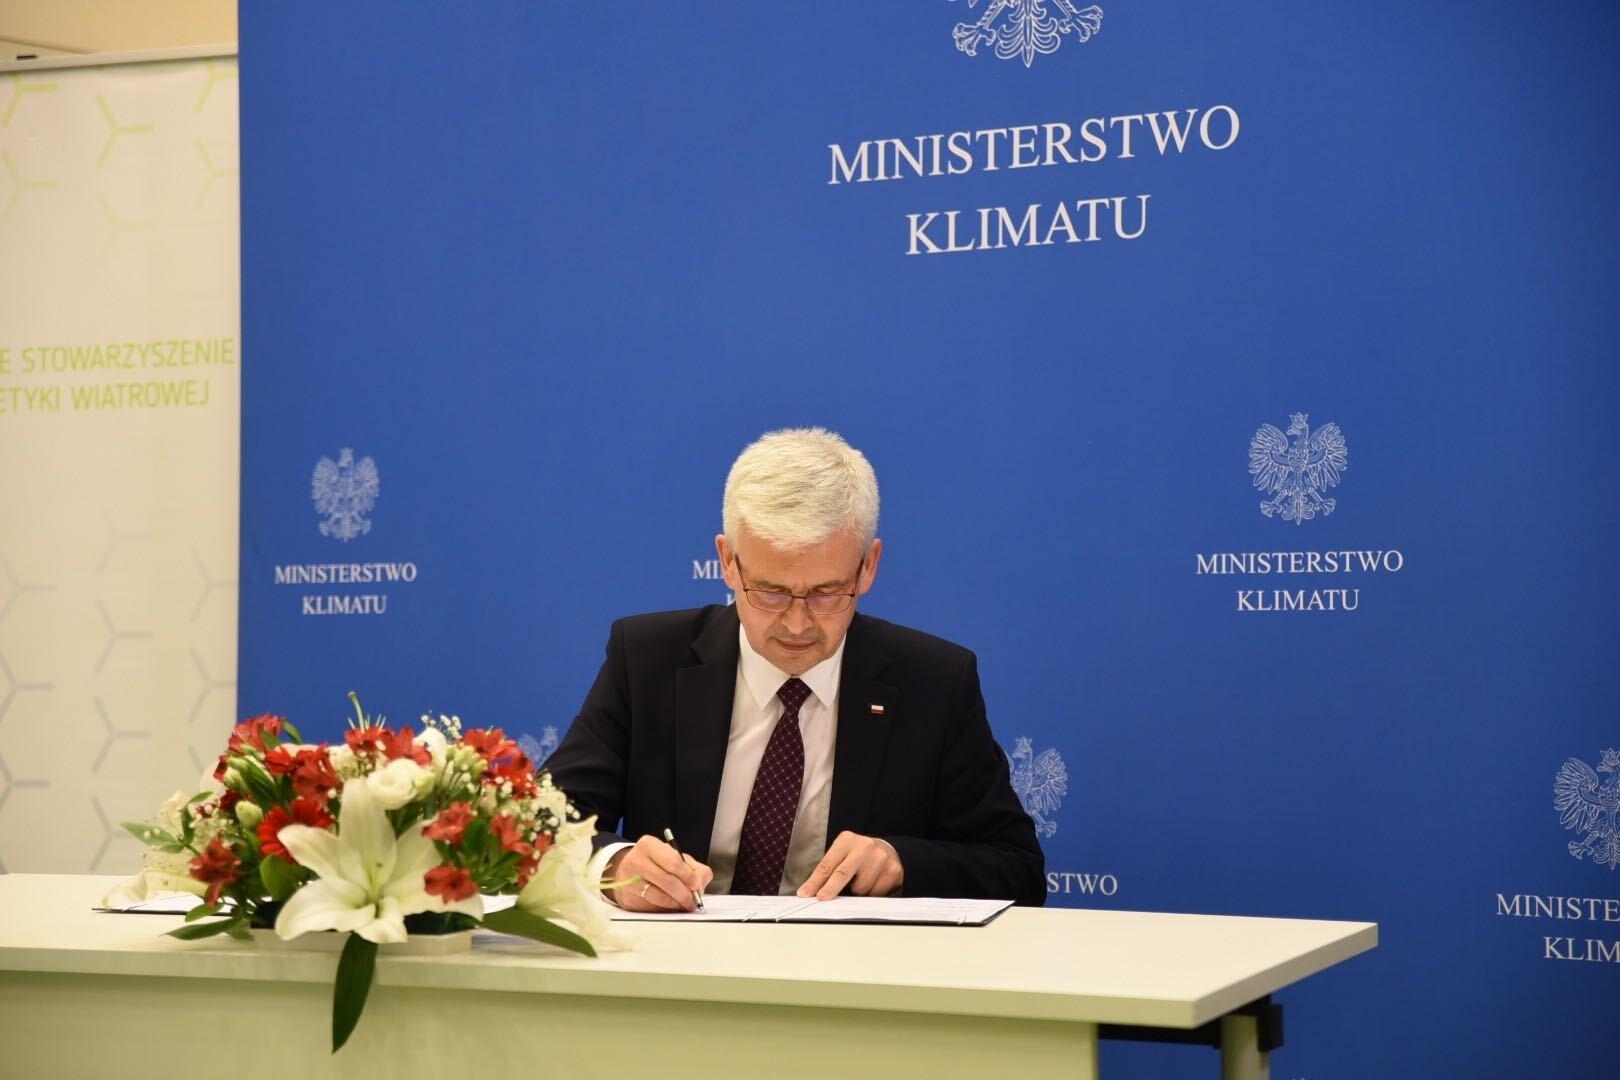 Wiceminister klimatu Ireneusz Zyska podczas podpisania listu intencyjnego o współpracy w zakresie rozwoju morskiej energetyki wiatrowej w Polsce